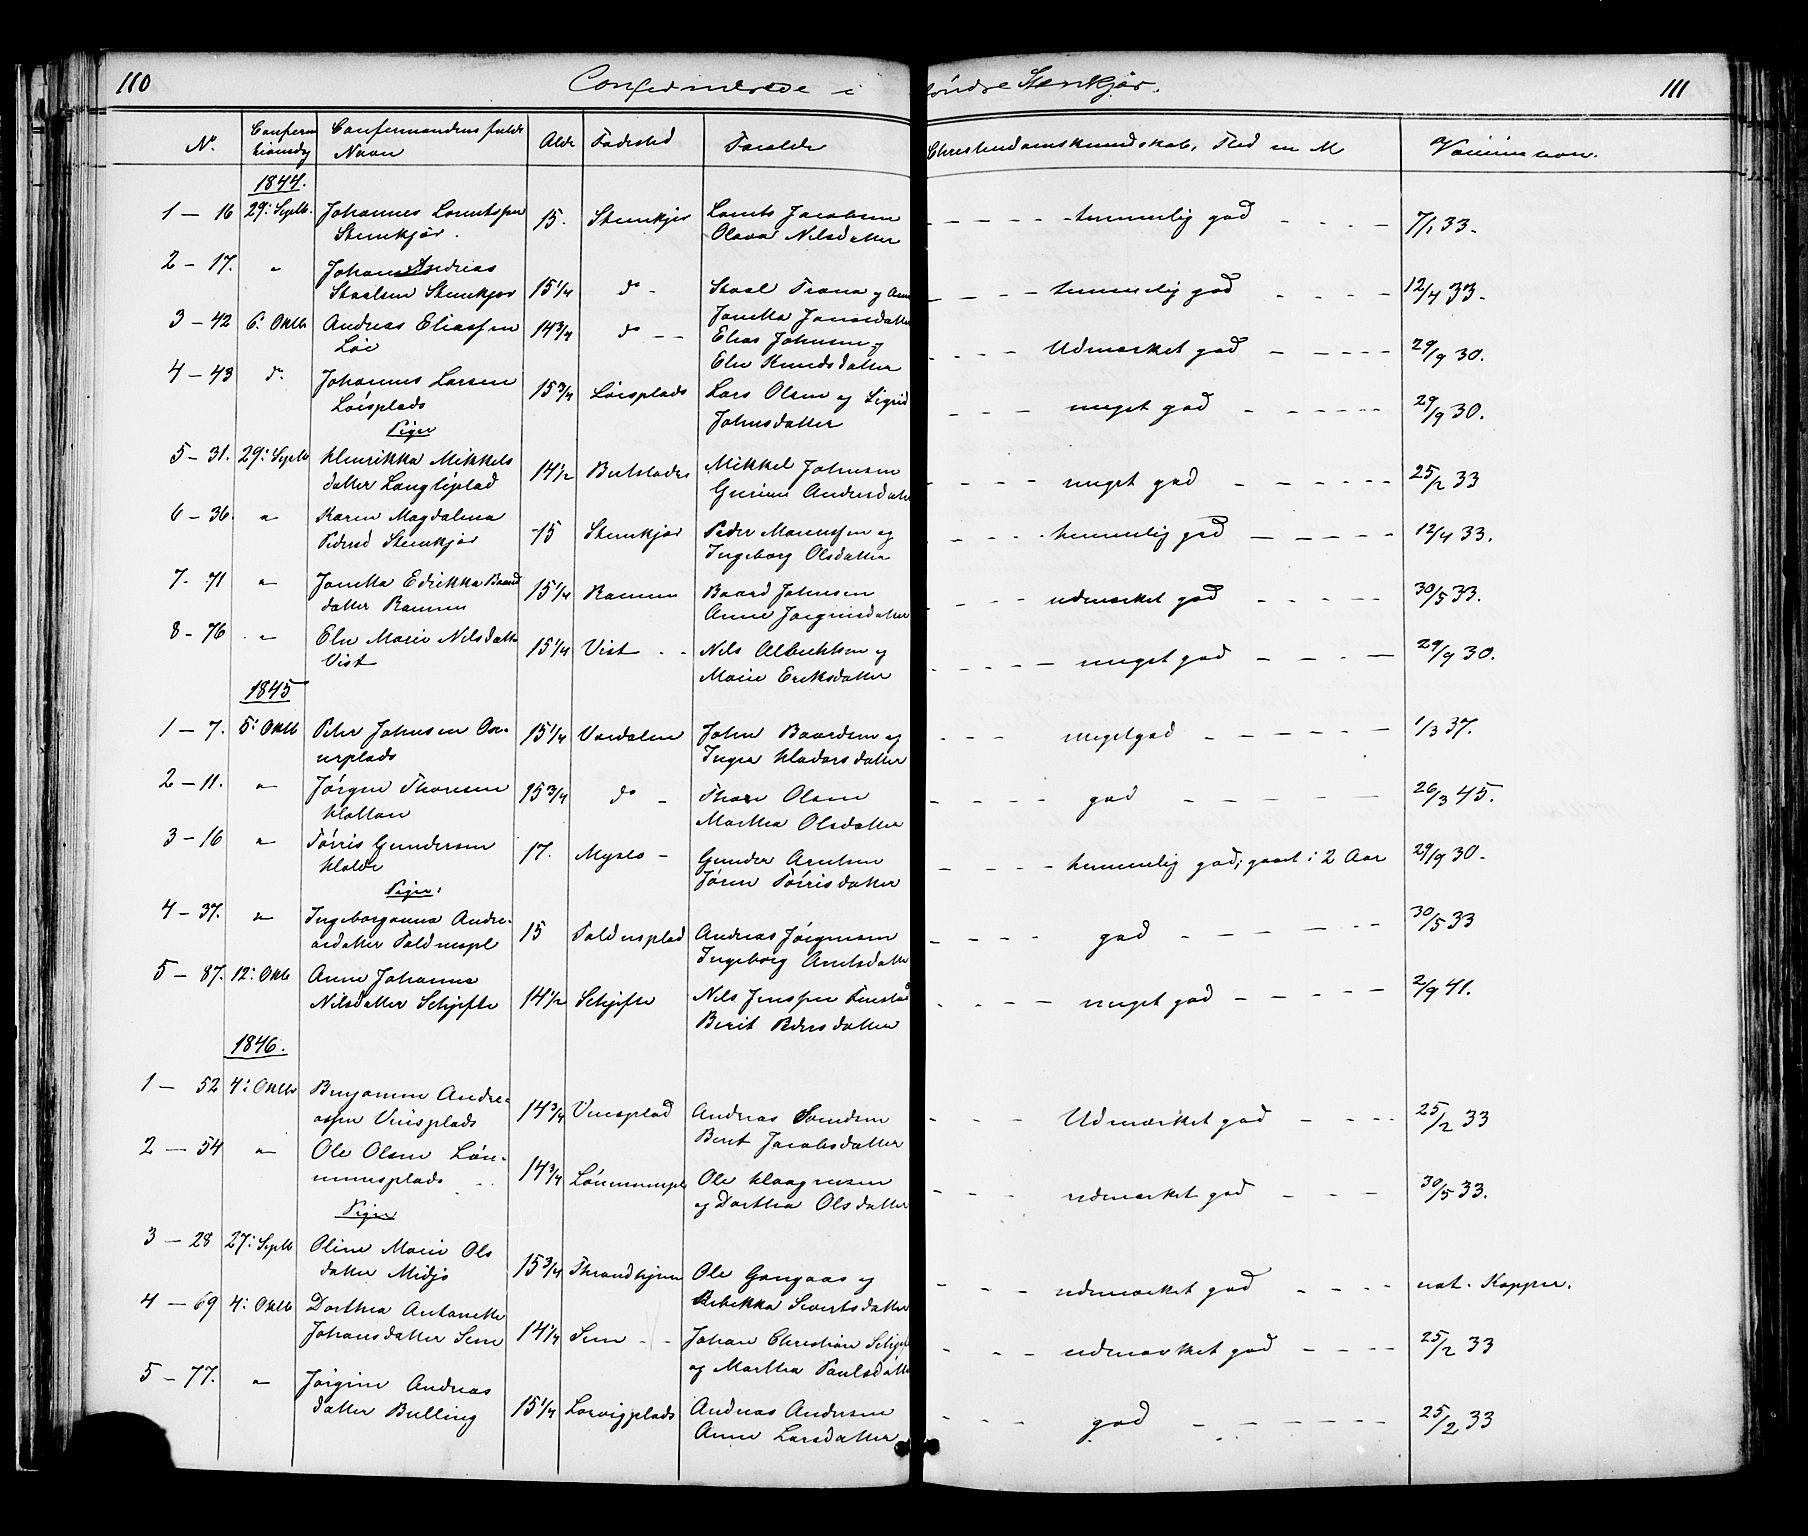 SAT, Ministerialprotokoller, klokkerbøker og fødselsregistre - Nord-Trøndelag, 739/L0367: Ministerialbok nr. 739A01 /1, 1838-1868, s. 110-111